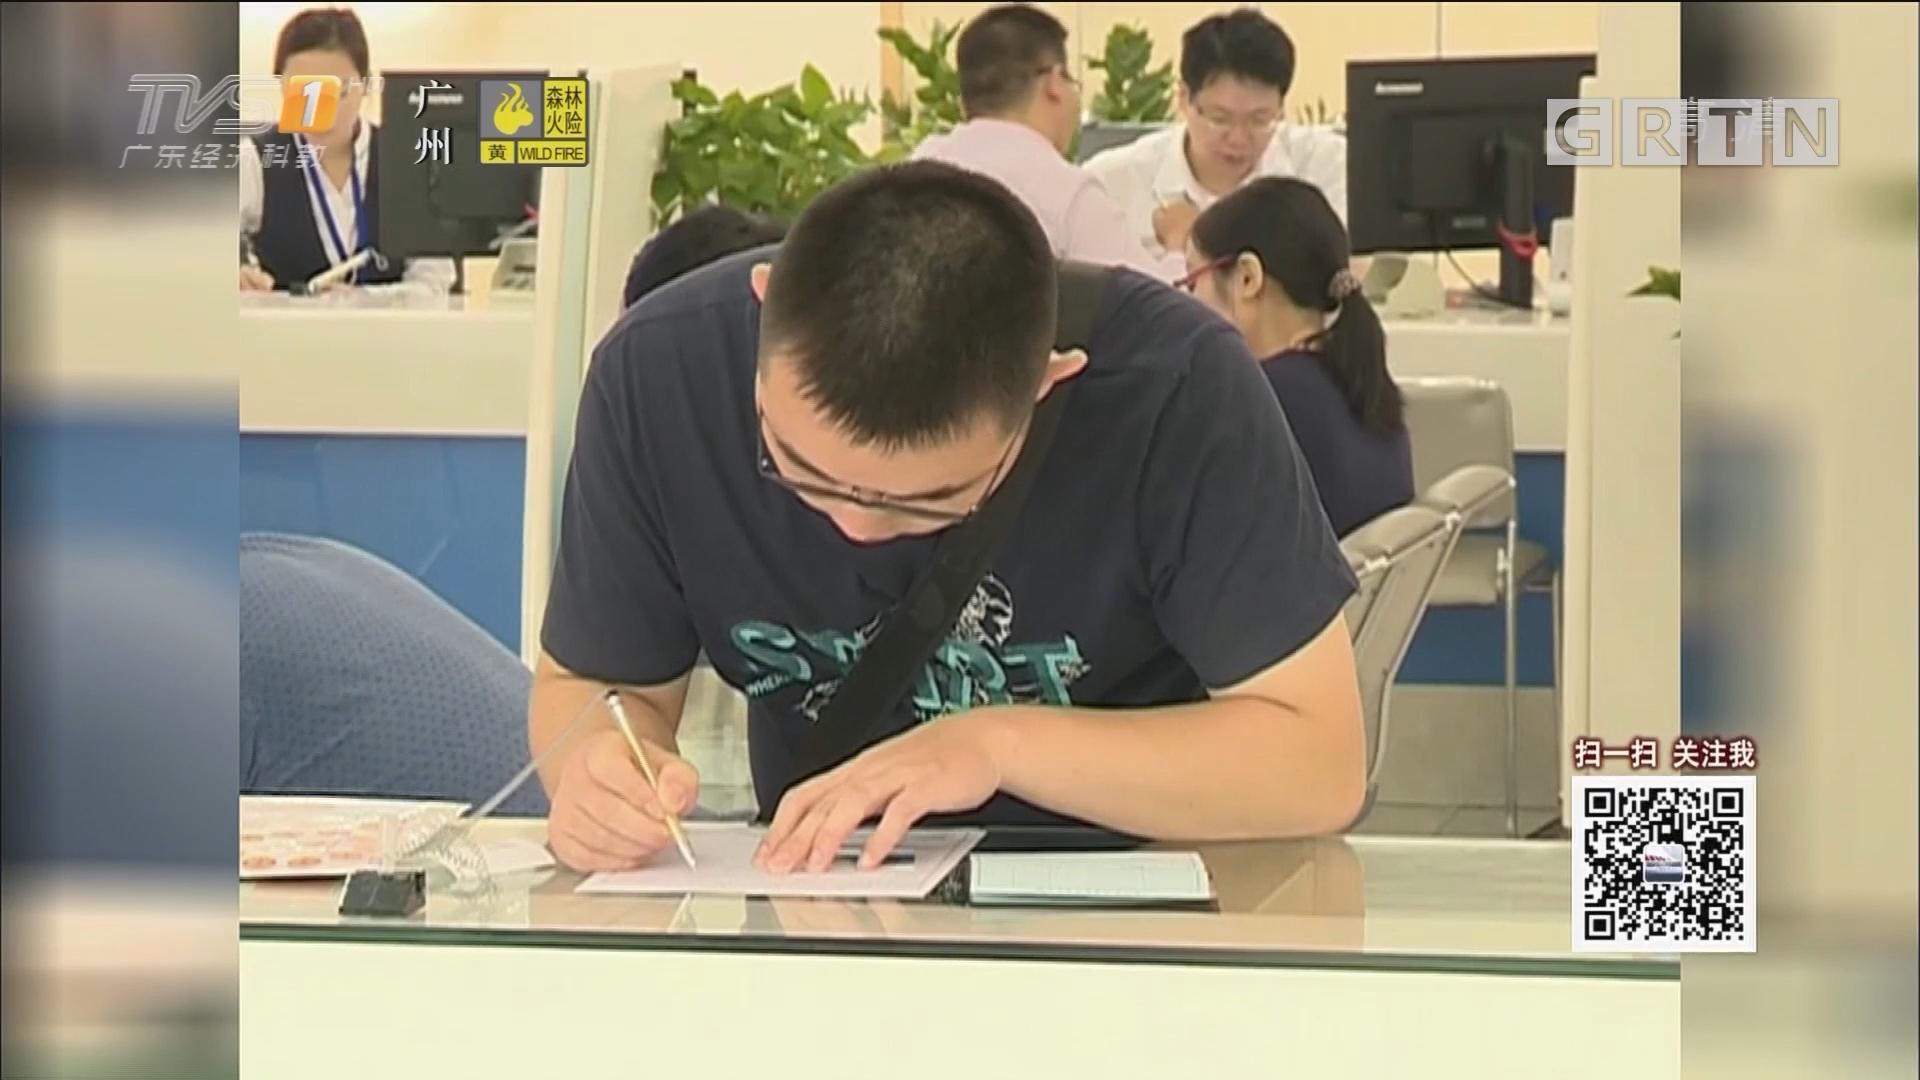 深圳:开发商不得拒绝公积金贷款